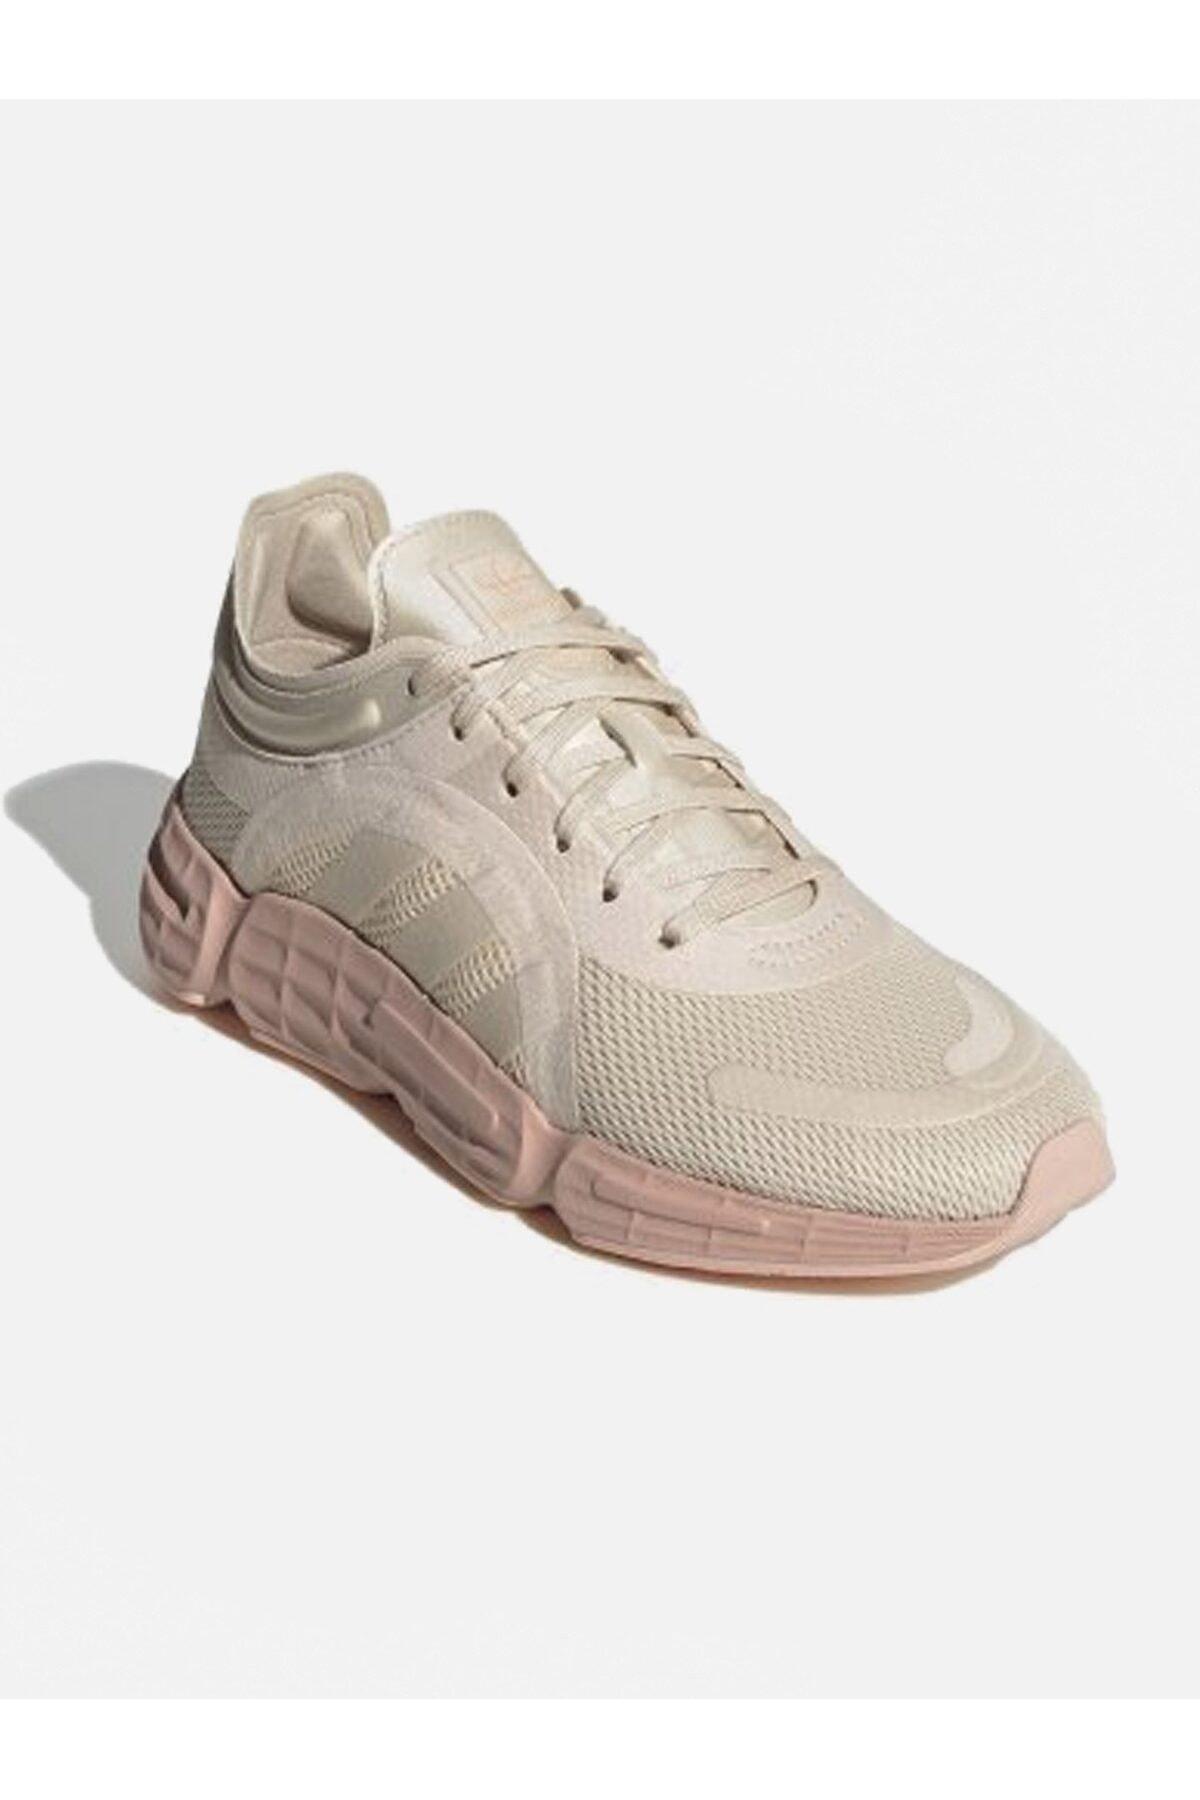 adidas Kadın Yetişkin Sneaker KADIN AYAKKABI FV9199 1